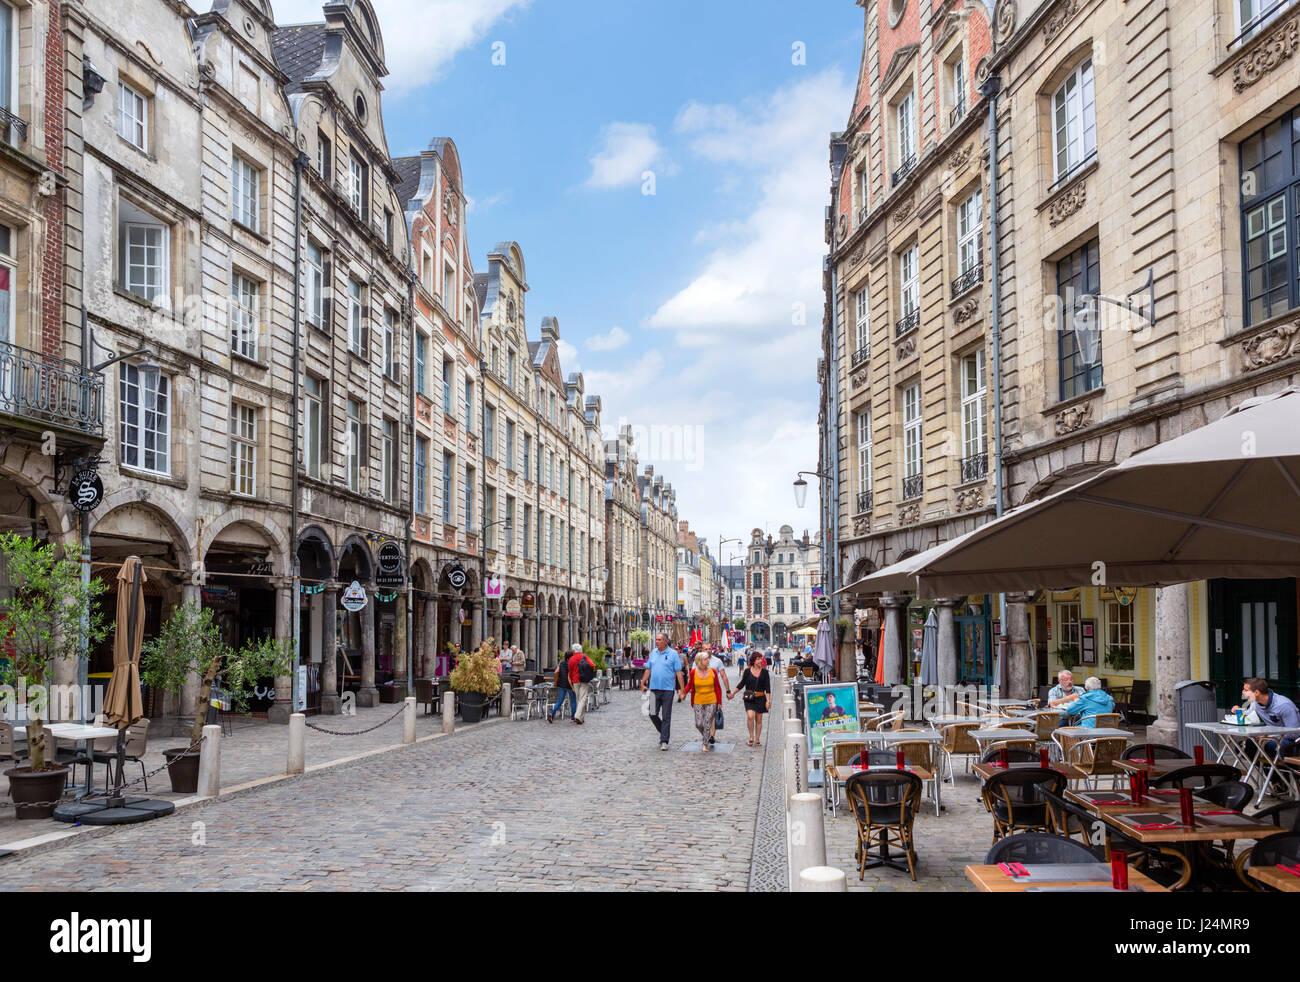 Cafe and shops on Rue de la Taillerie in the old town centre, Arras, Pas de Calais, France - Stock Image